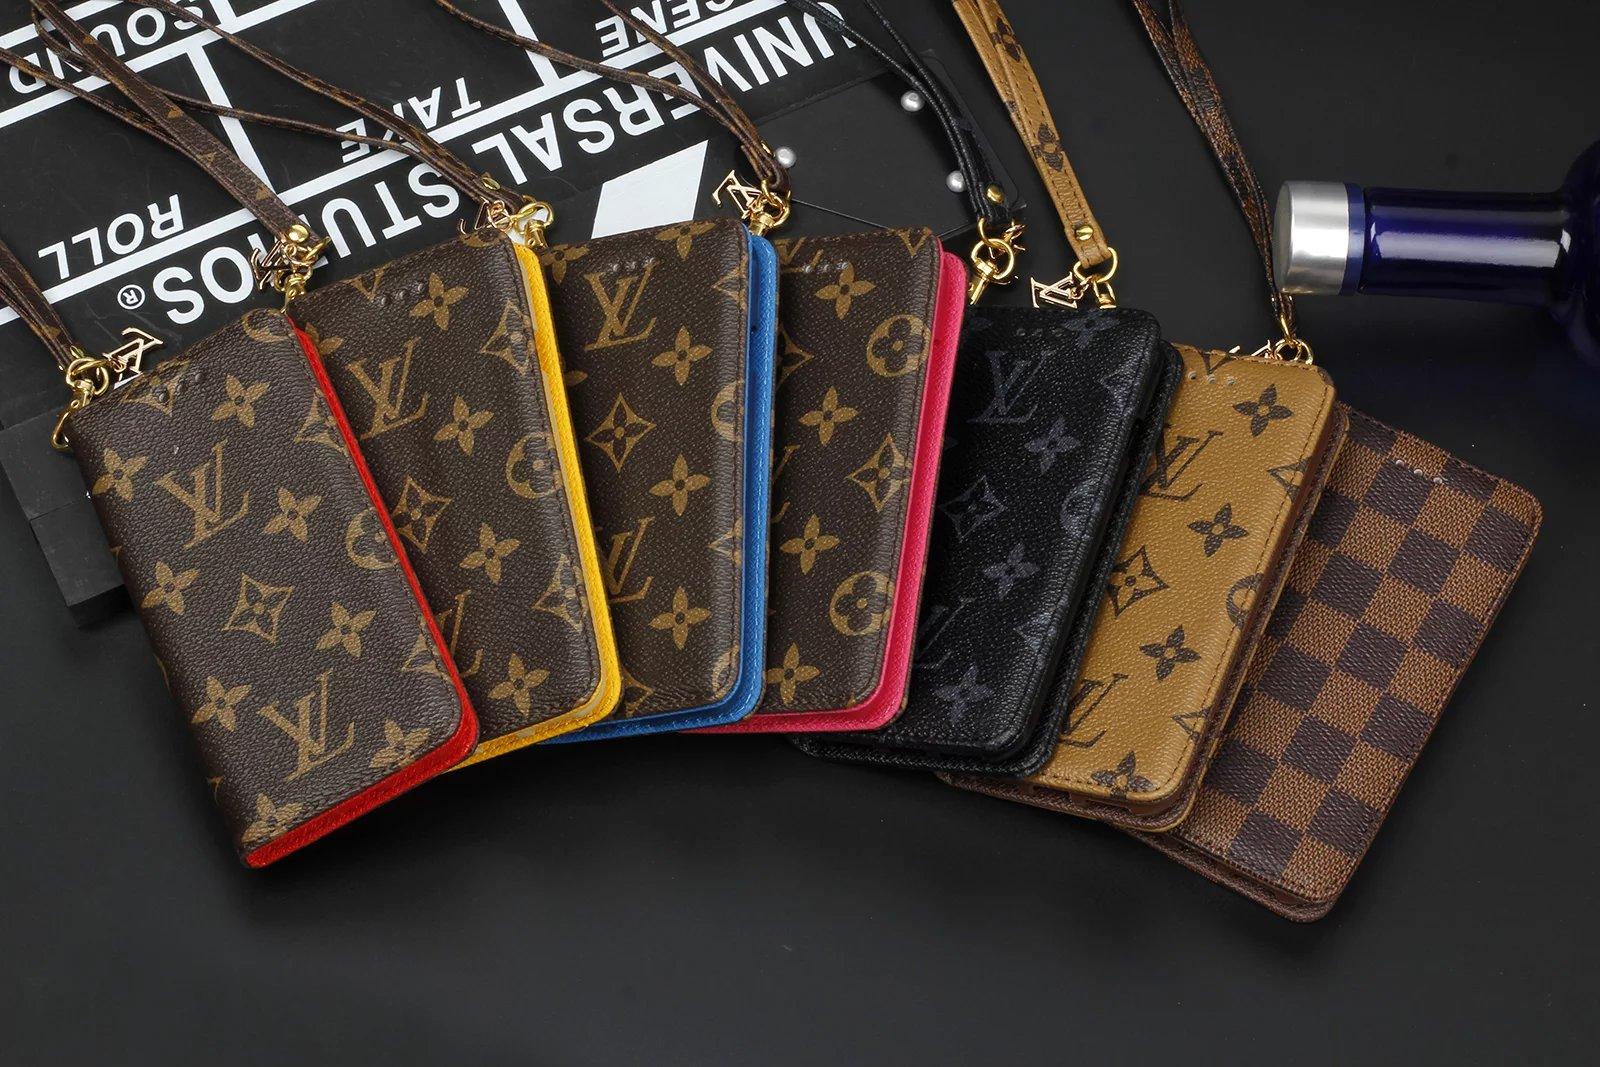 iphone case gestalten iphone case erstellen Louis Vuitton iphone6 hülle iphone abdeckung handyhülle 6lbst gestalten mit foto handyhülle iphone 6 6lbst gestalten gute iphone 6 hülle ca6 iphone 6 apple ledertasche für iphone 6